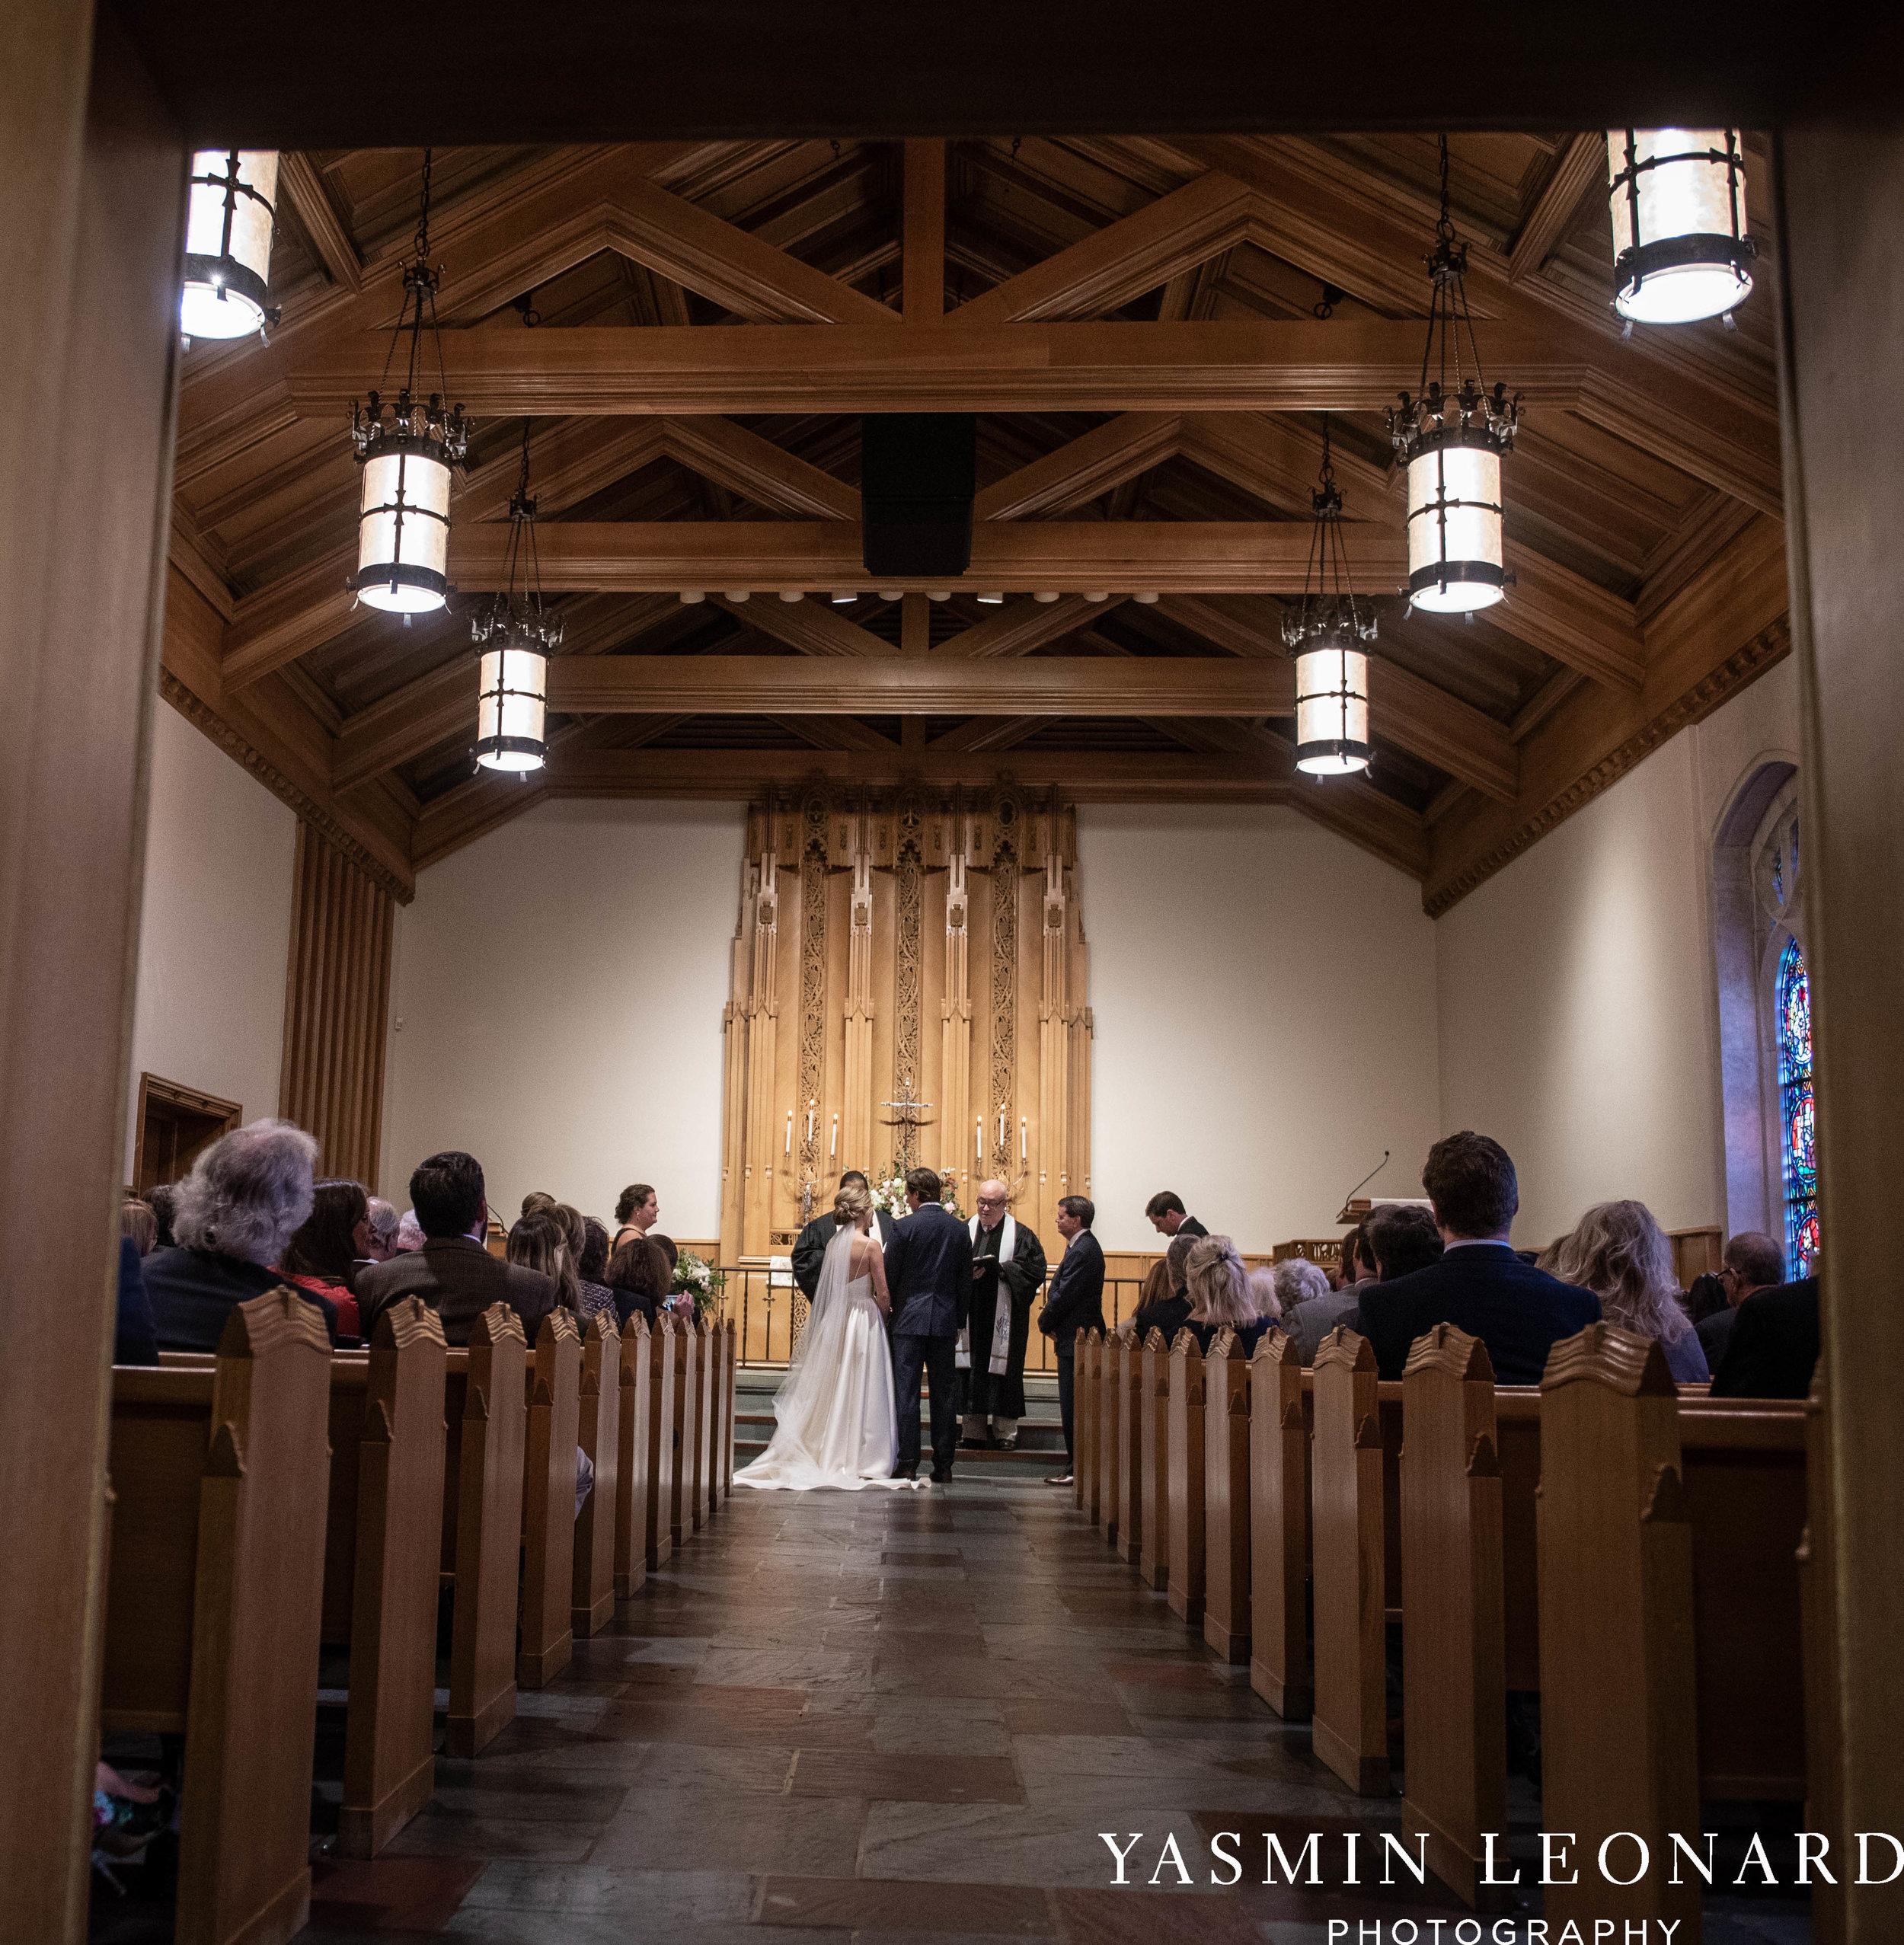 Wesley Memorial United Methodist Church - EmeryWood - High Point Weddings - High Point Wedding Photographer - NC Wedding Photographer - Yasmin Leonard Photography-27.jpg